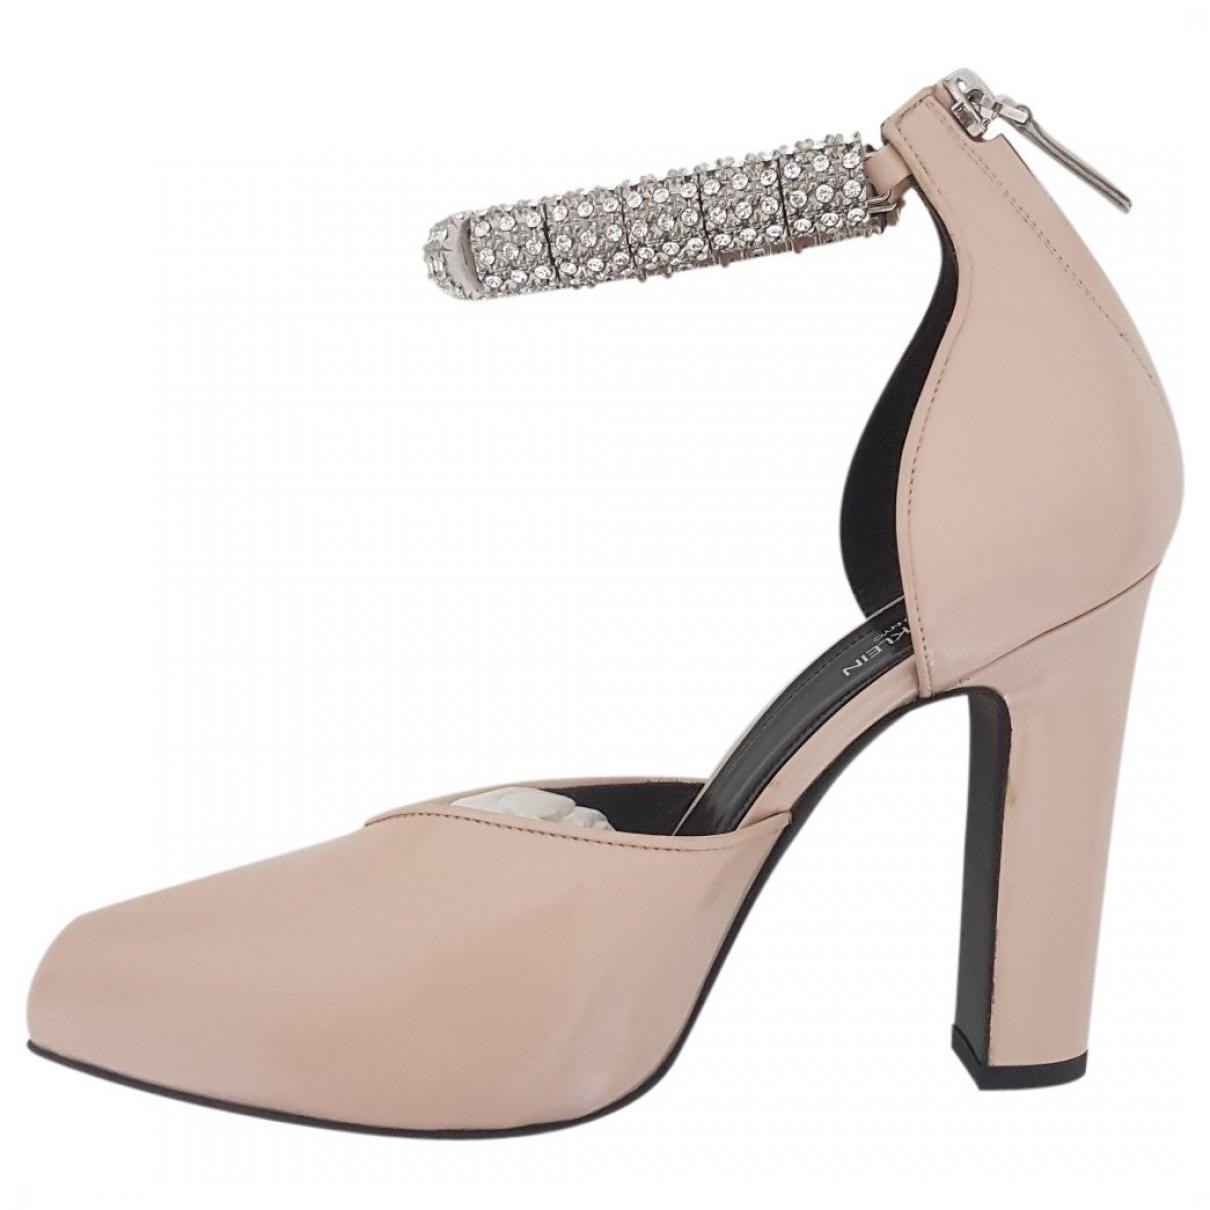 Calvin Klein 205w39nyc - Escarpins   pour femme en cuir verni - rose